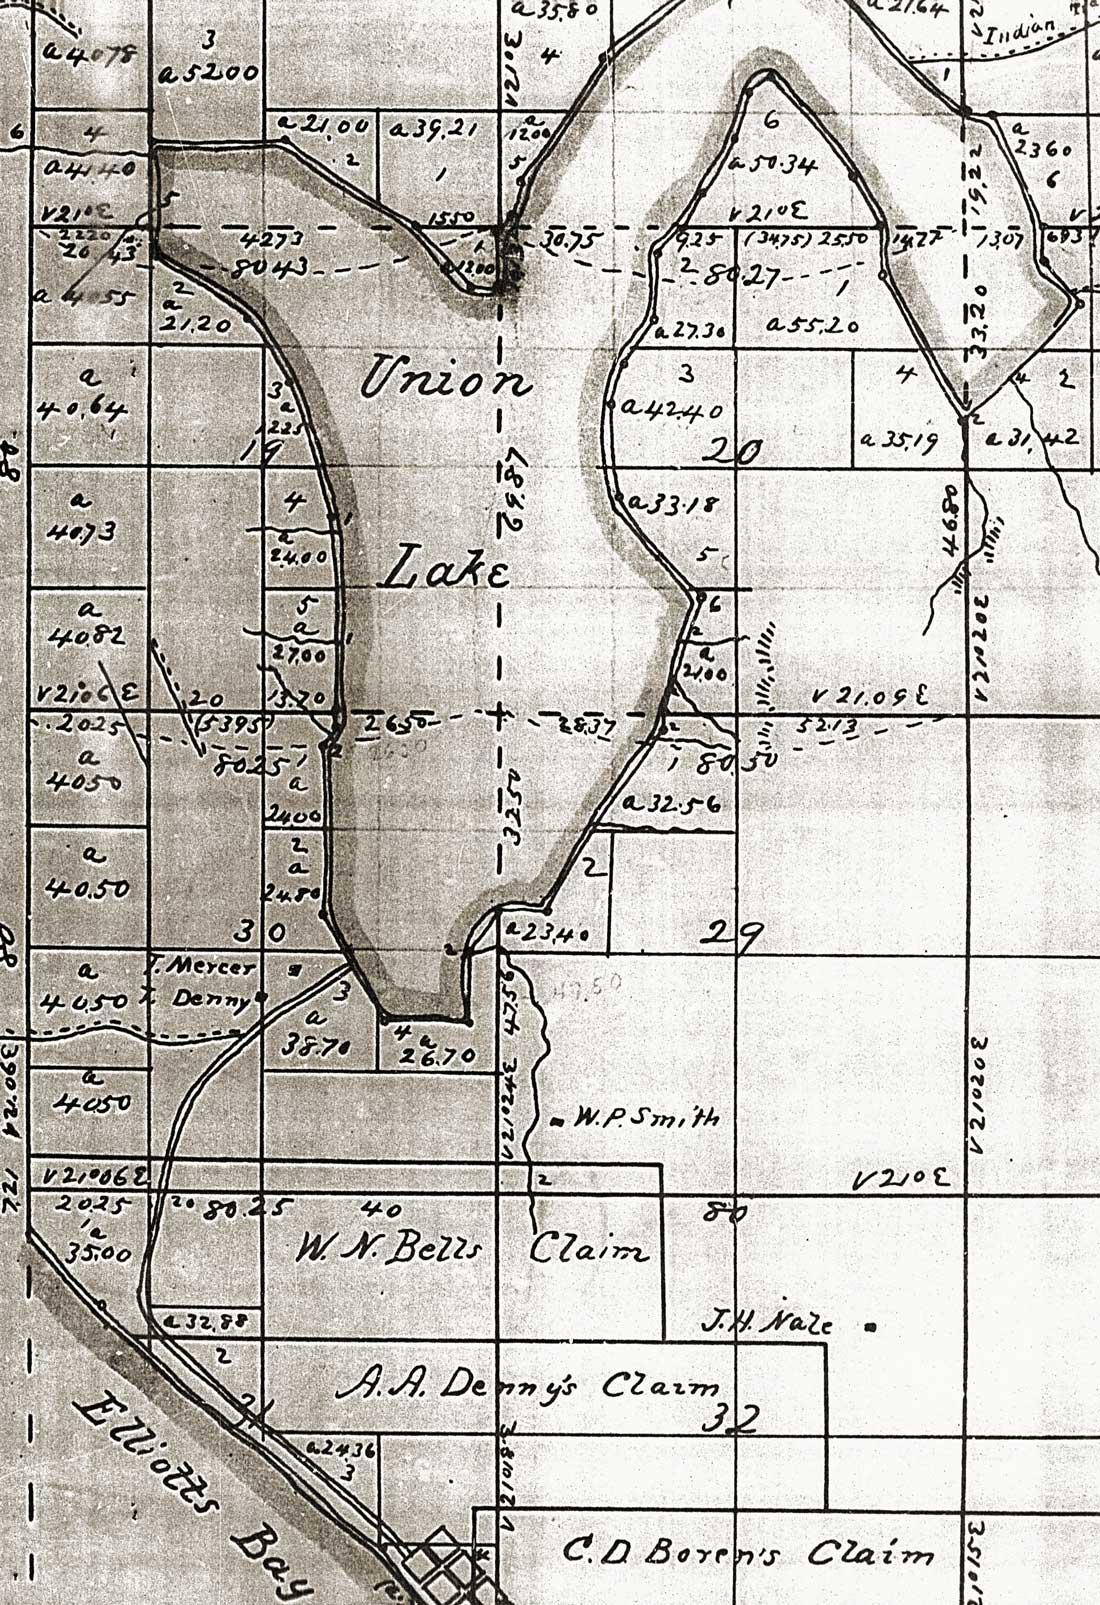 South Lake Union Map South Lake Union Stories